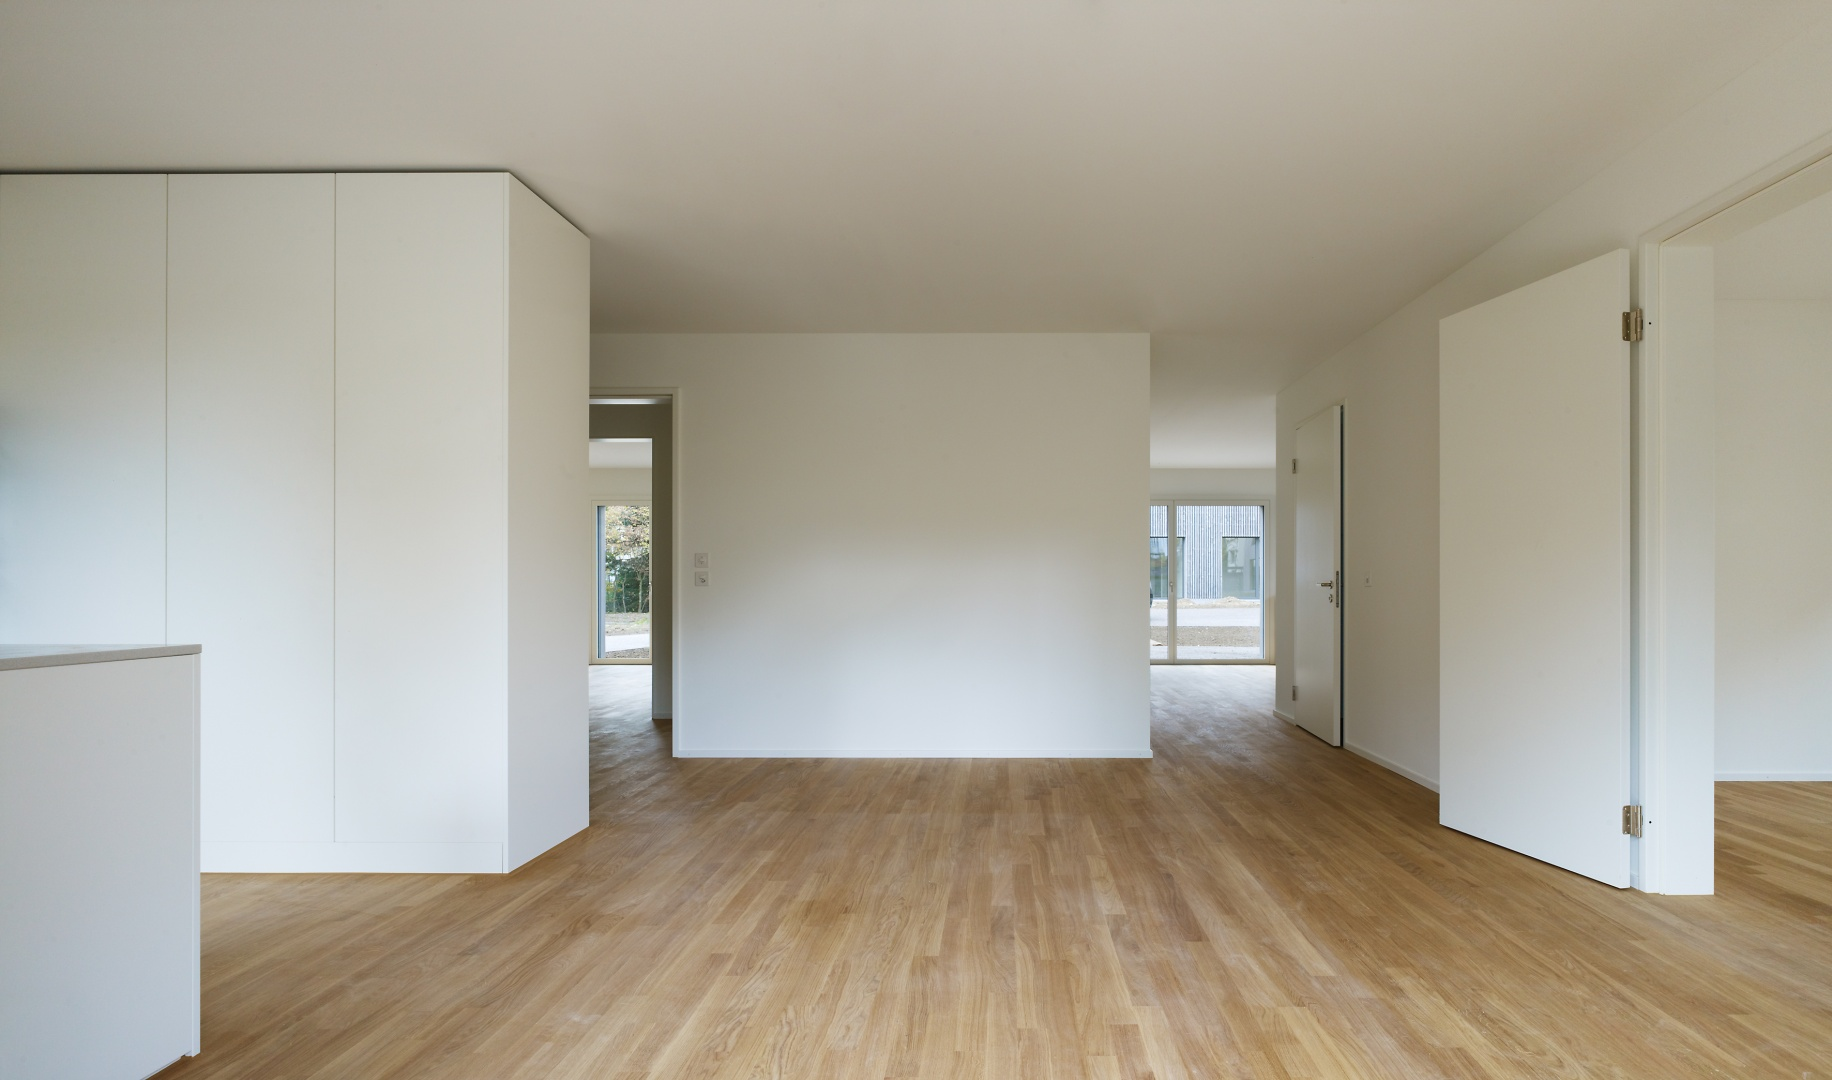 Wohnung © Ruedi Walti, Basel